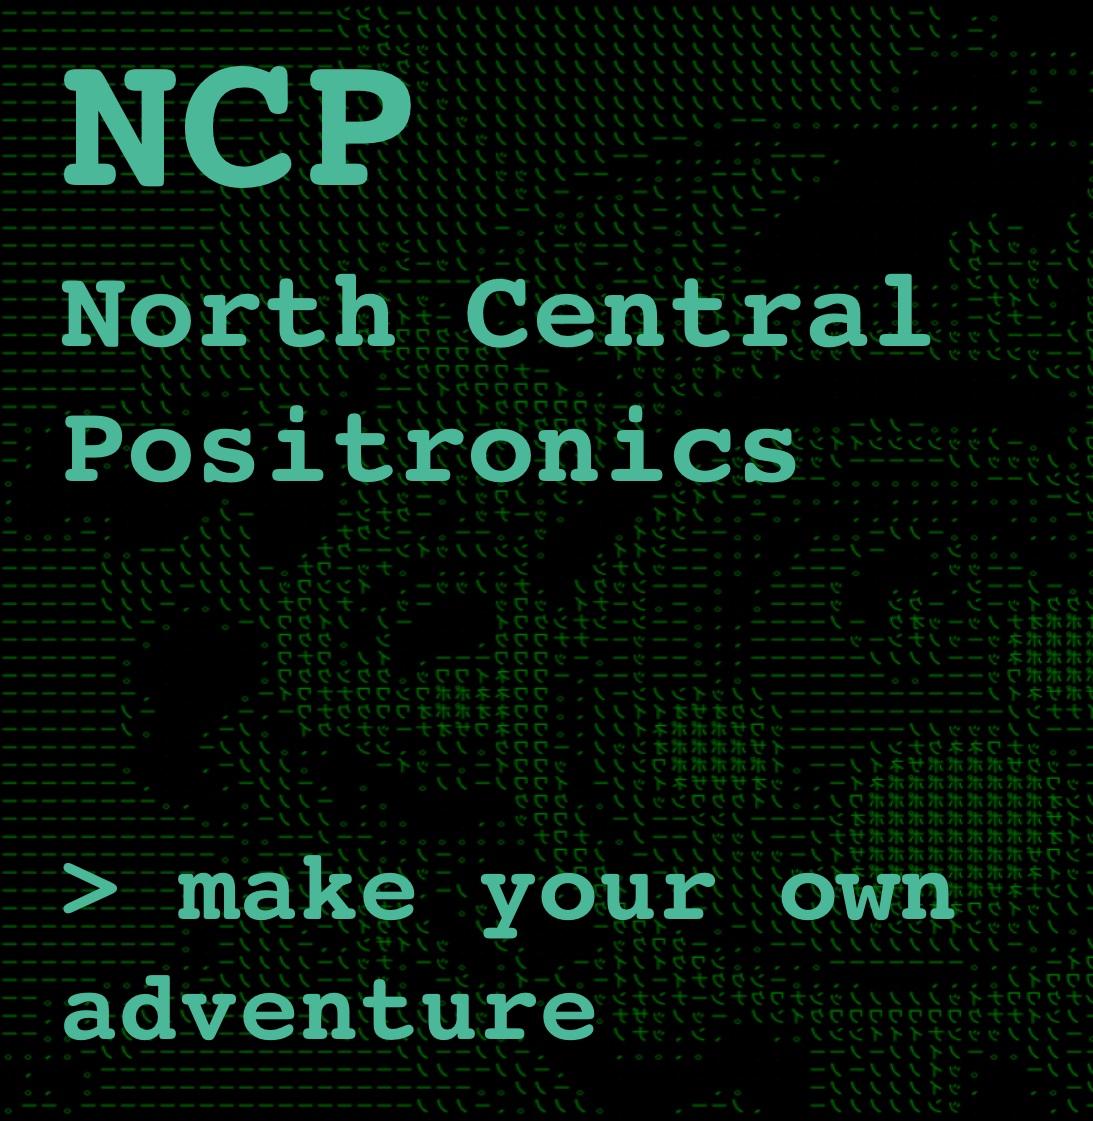 NCP-thumbnail-sq.jpg